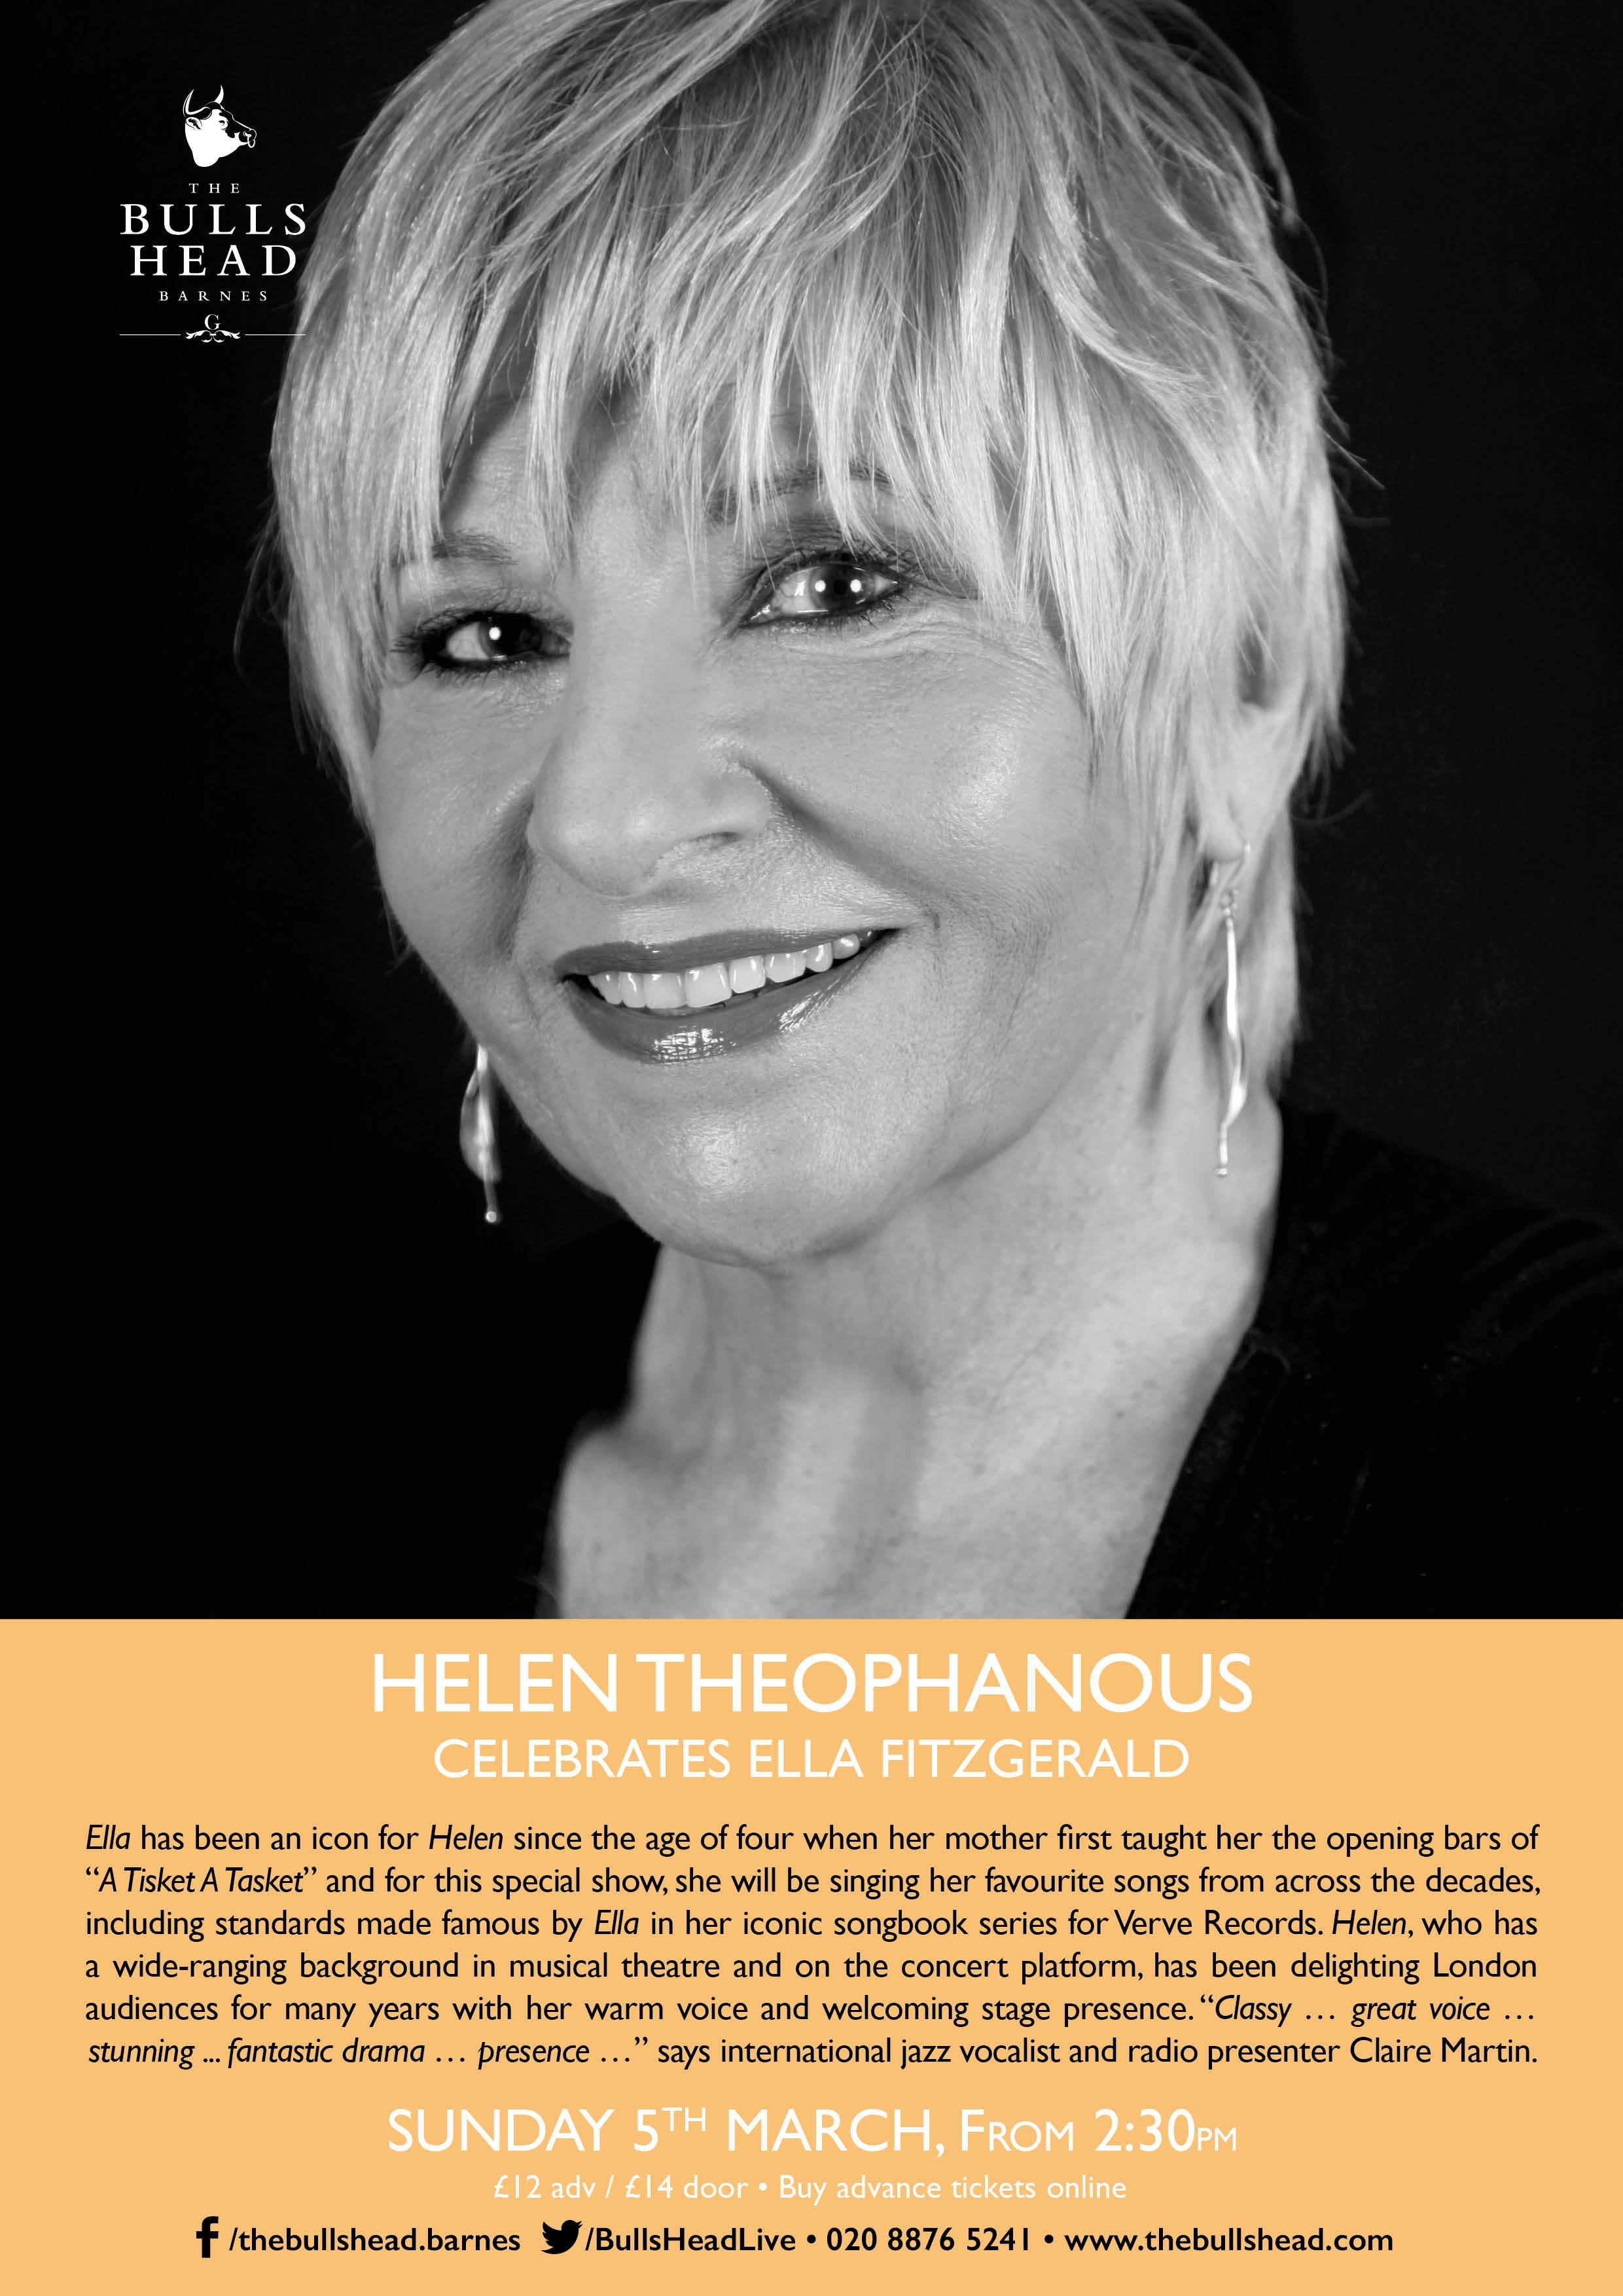 Helen Theophanous Celebrates Ella Fitzgerald